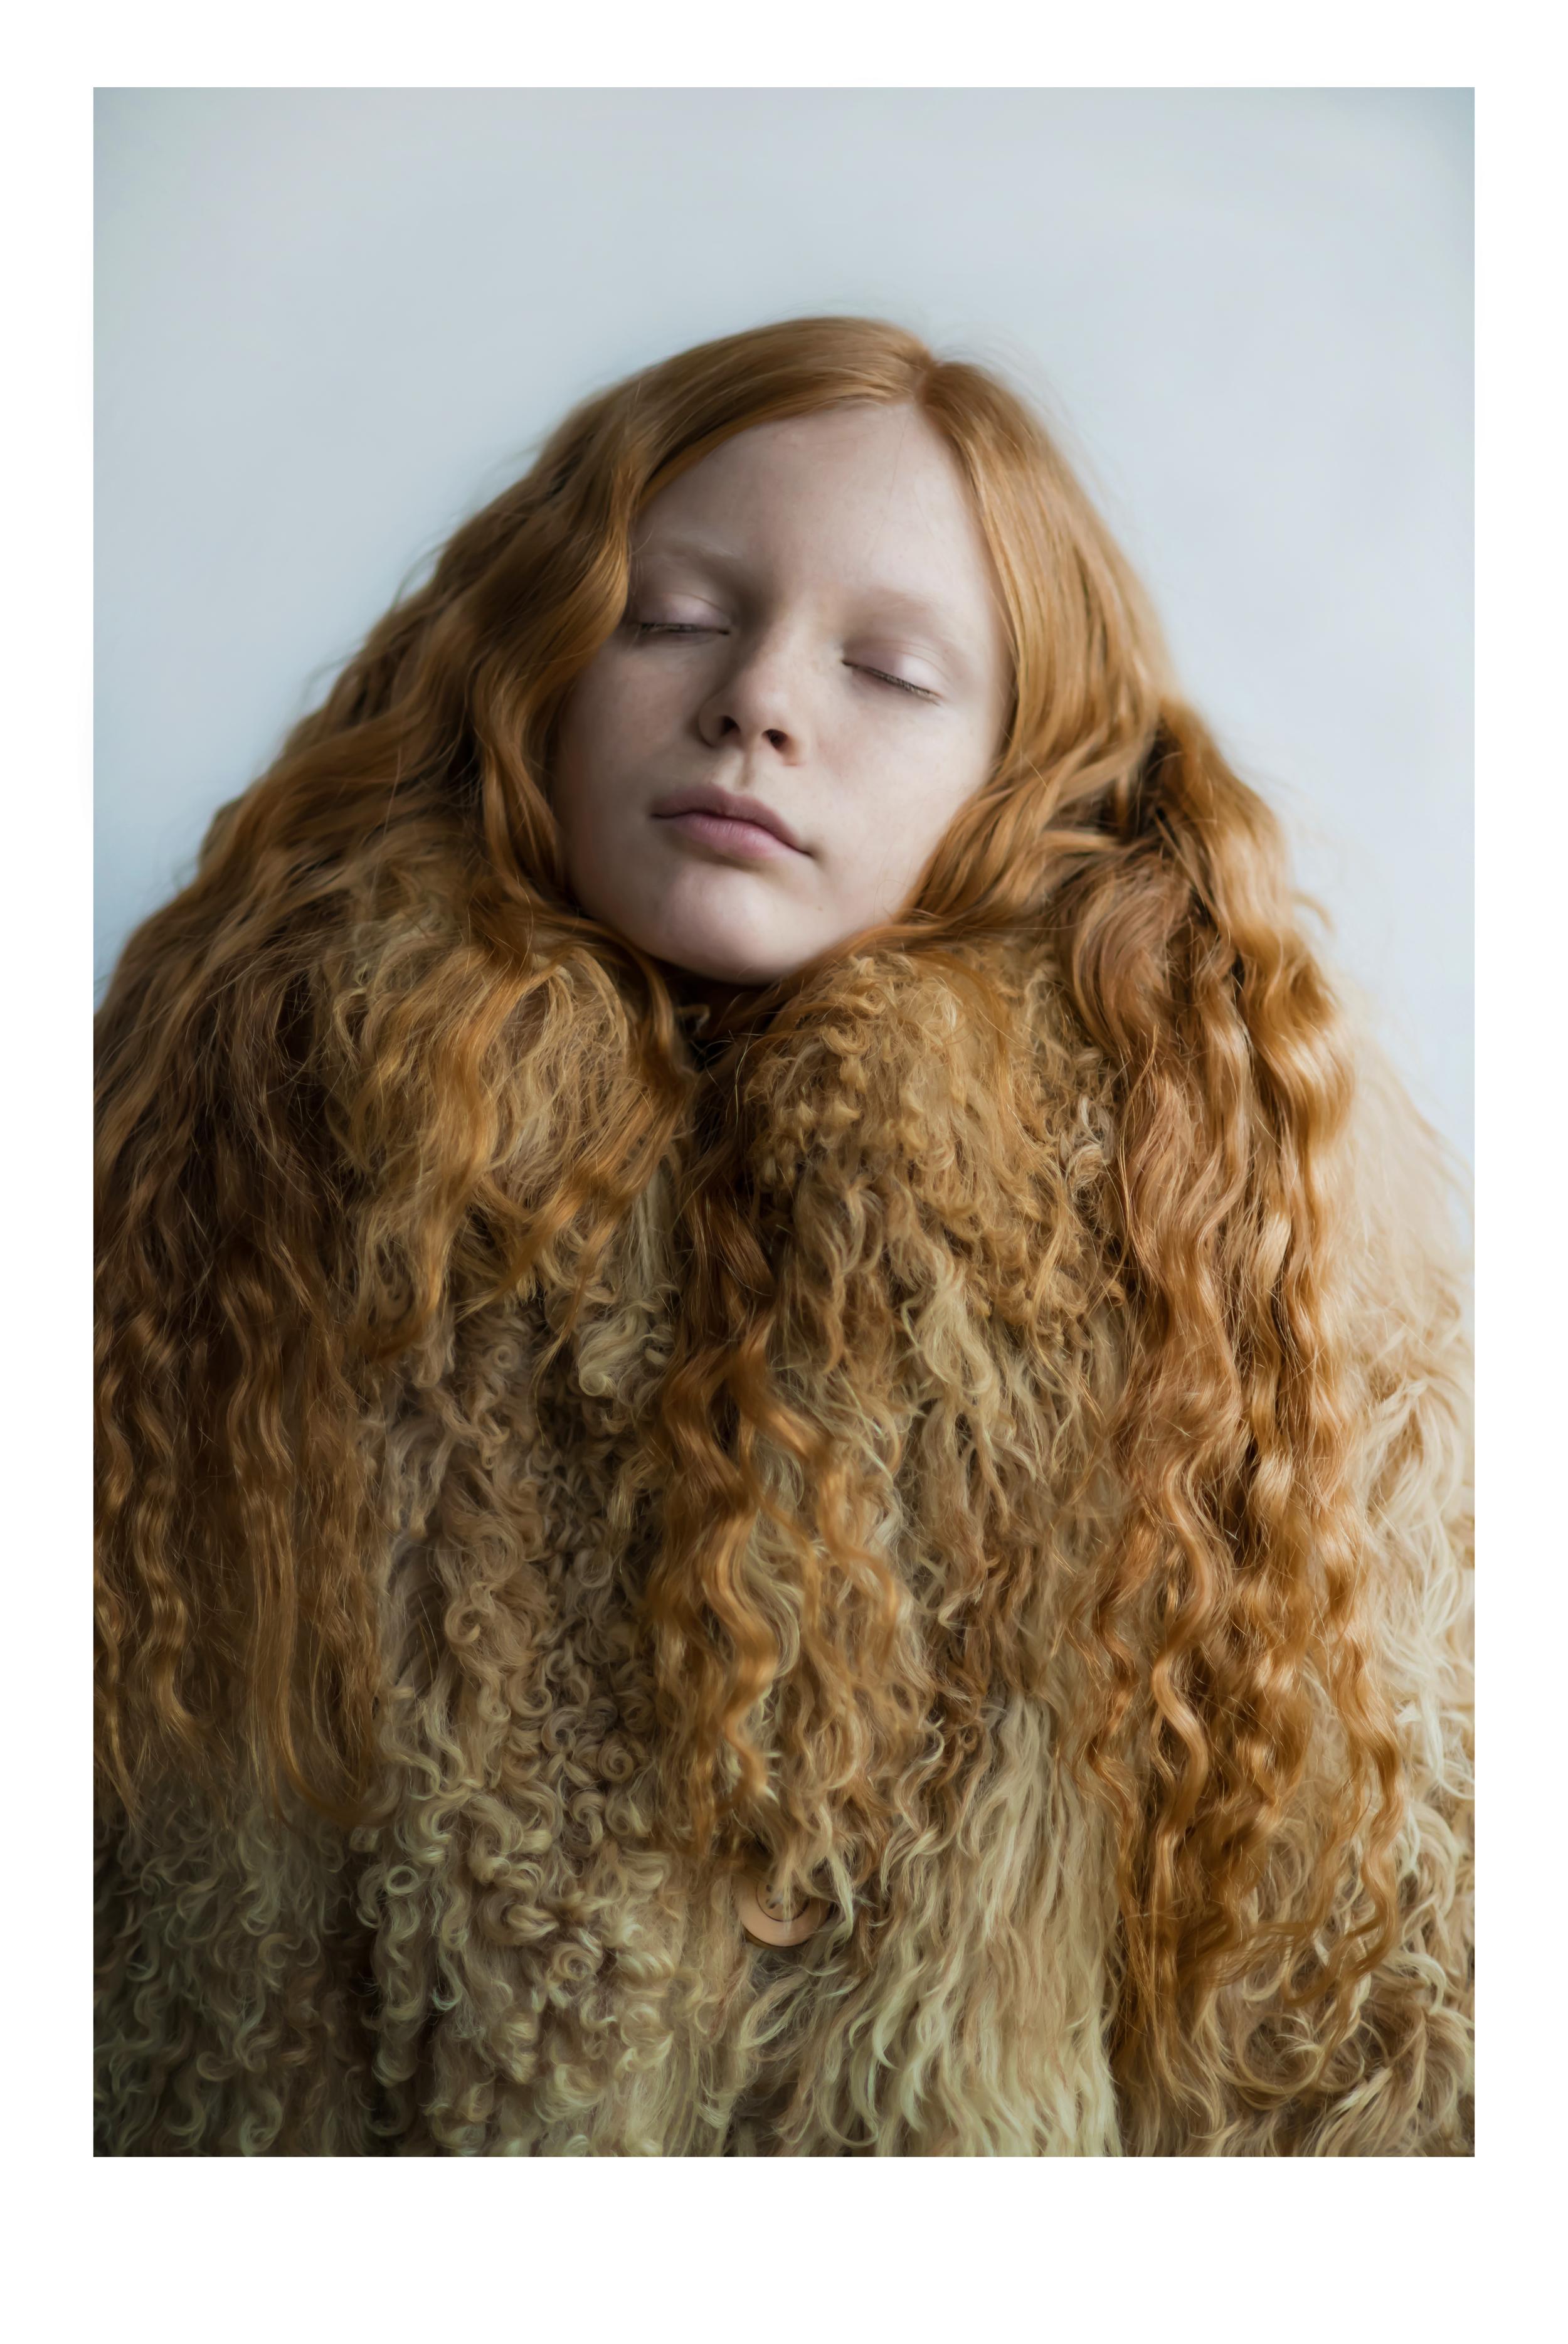 NPG Taylor Wessing Portrait Prize entry 2016 'Erin'